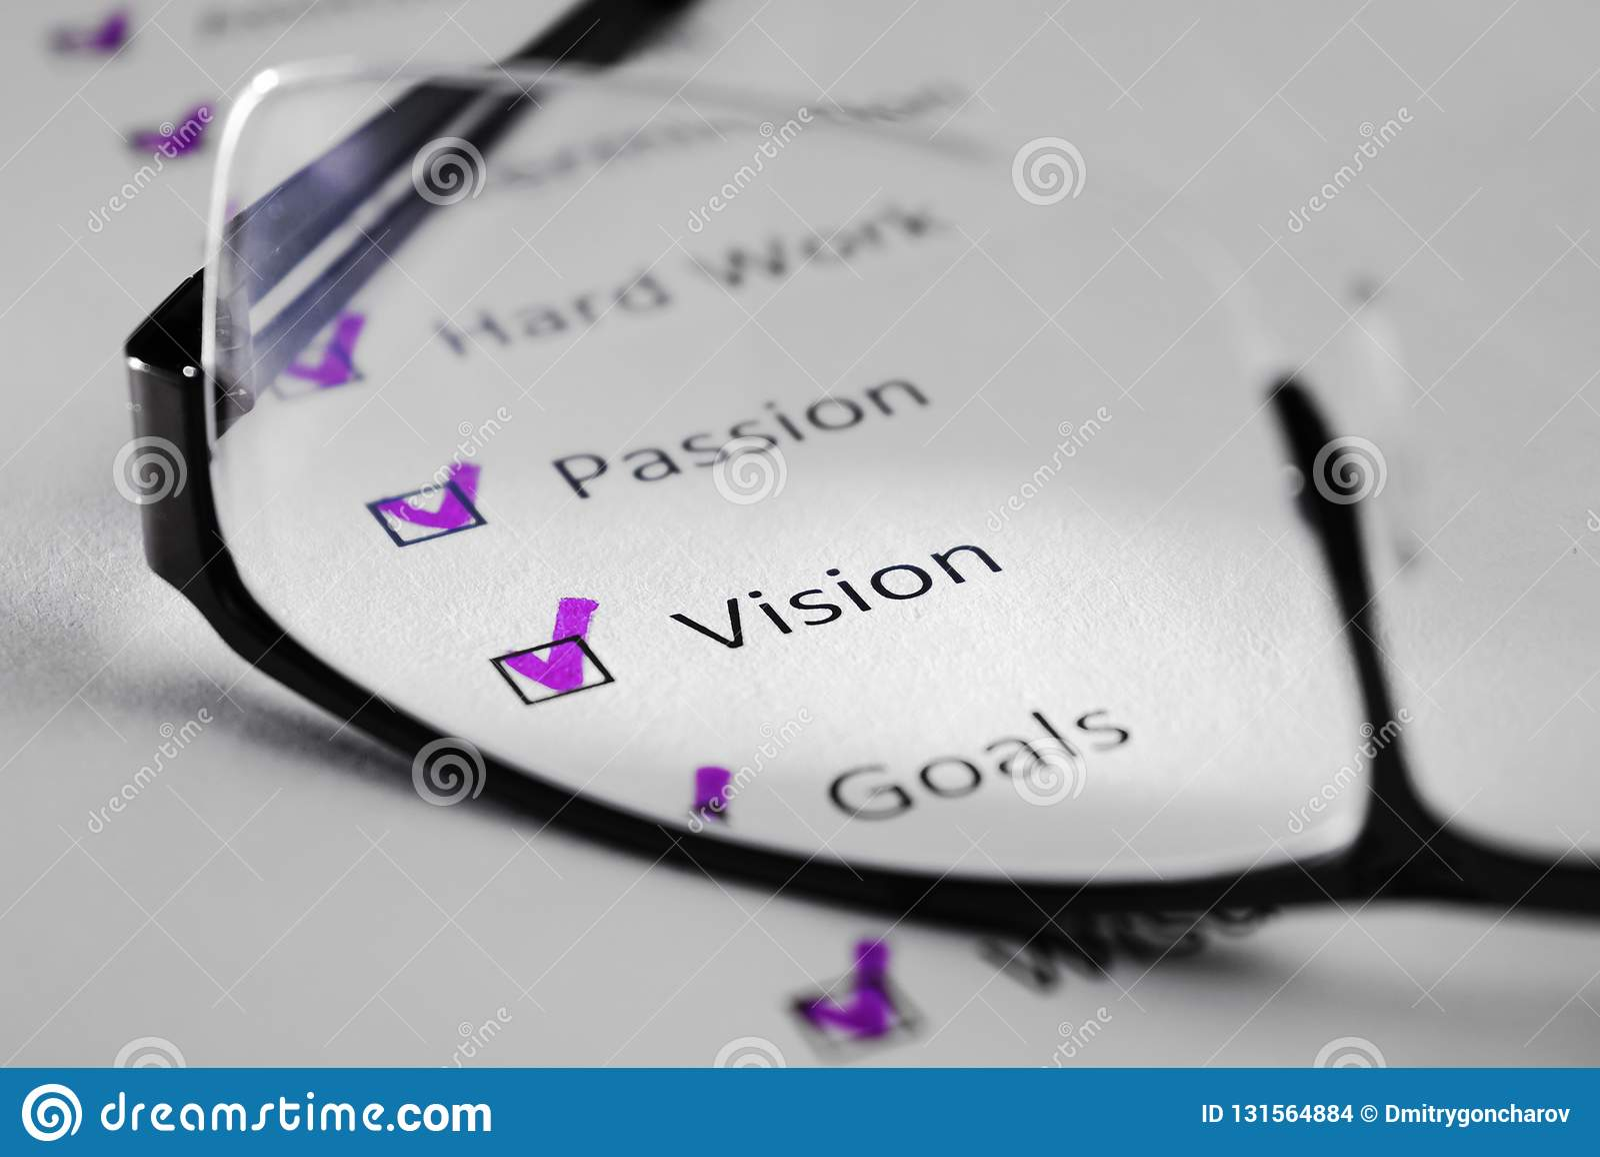 puntos vision